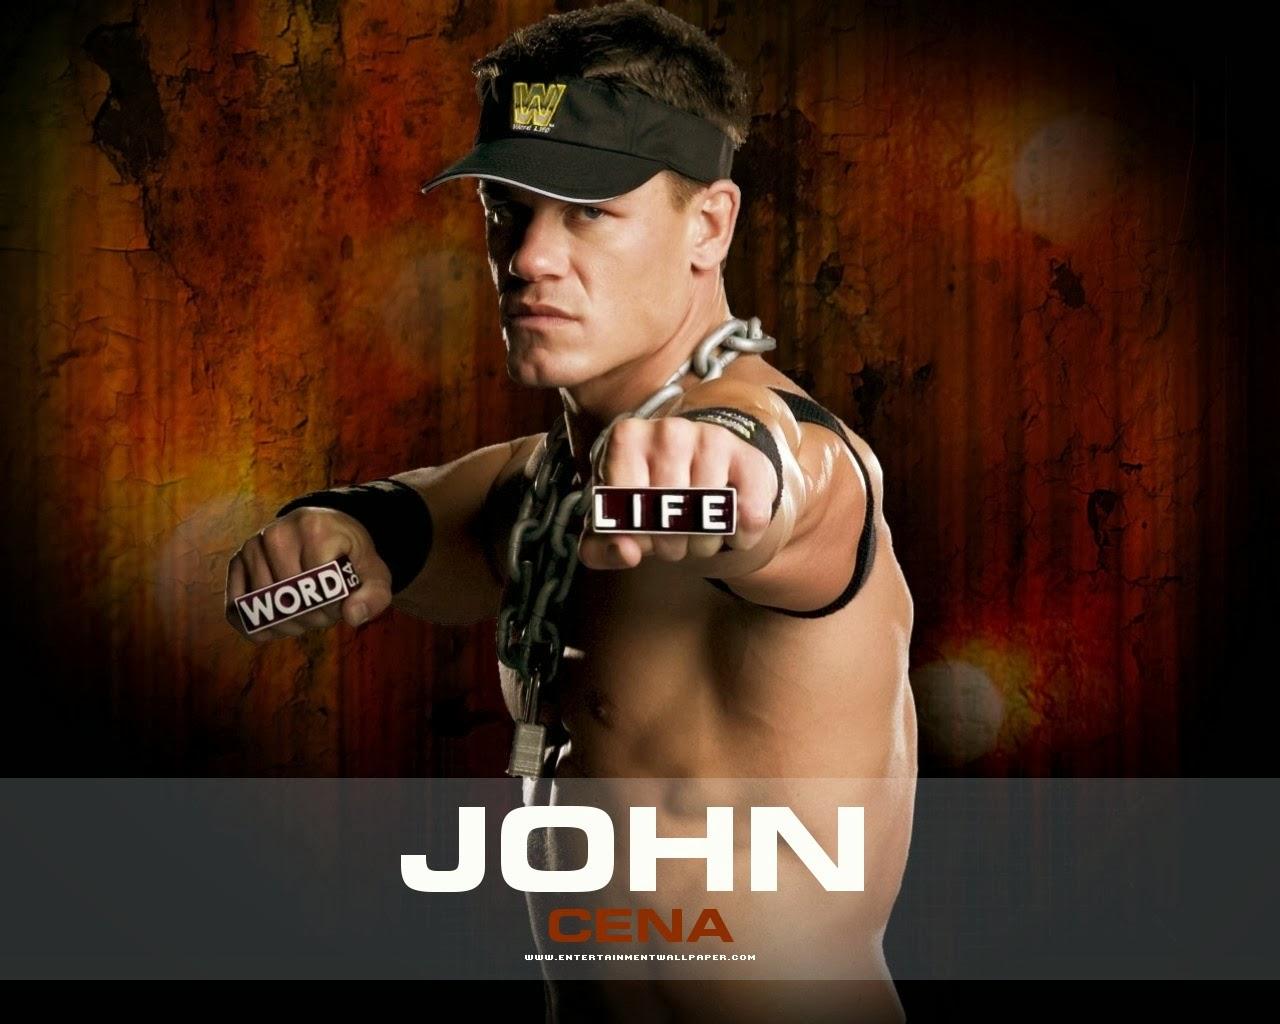 john cena wallpapers | beautiful john cena picture | superstar john